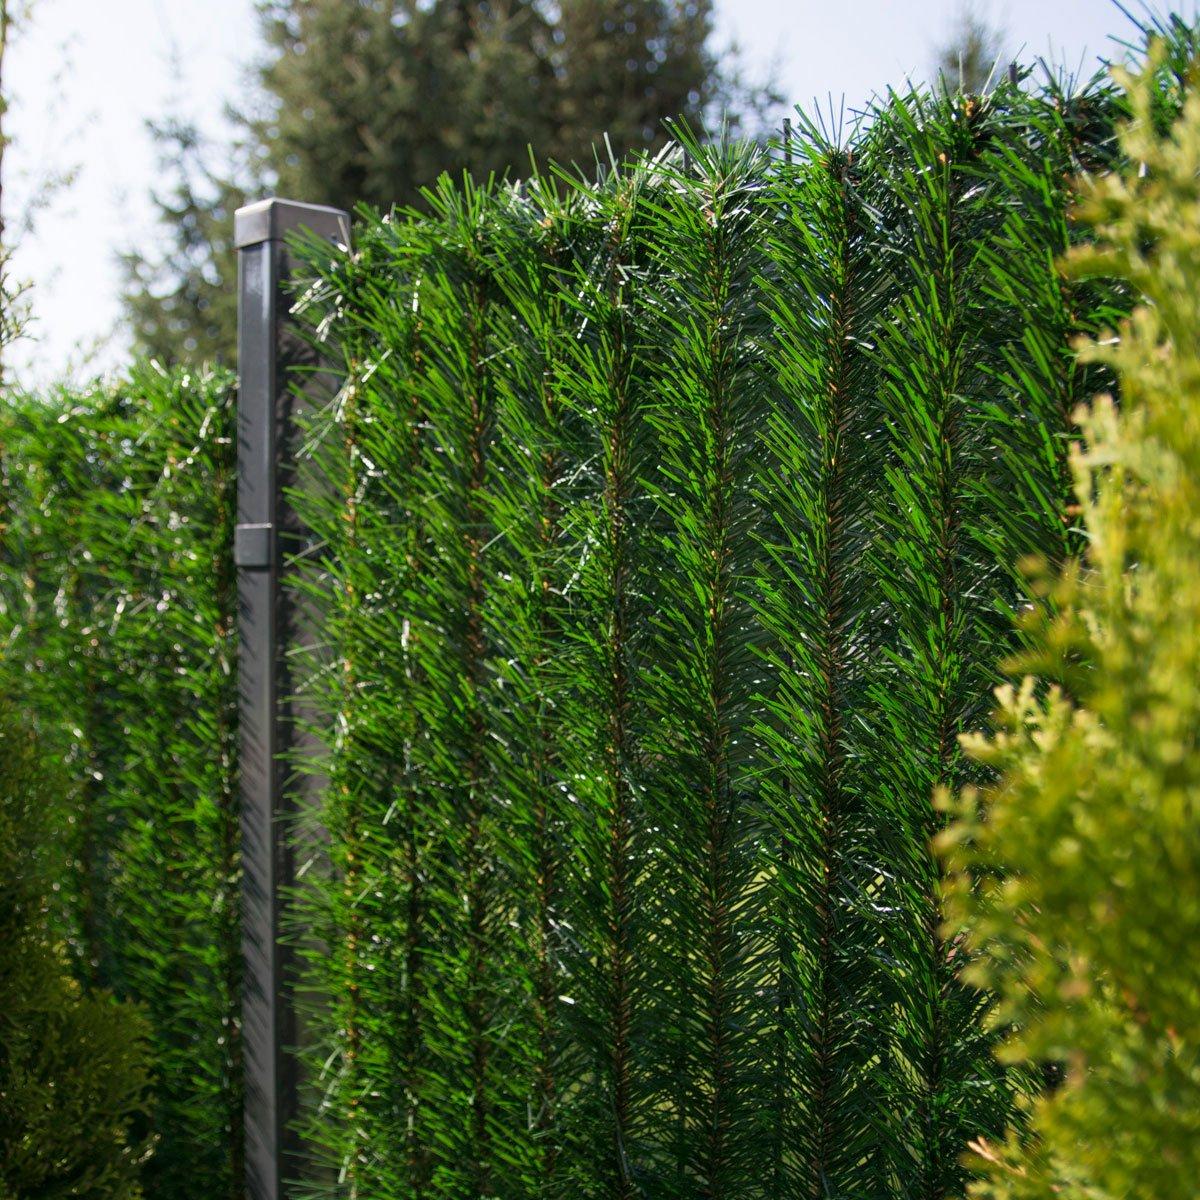 FairyTrees Copertura per Recinzione Universale Copertura per Balcone Copertura per terrazza Recinzione in PVC Artificiale Rete Metal lica, GreenFences, Verde Scuro, Altezza 80cm, 10m